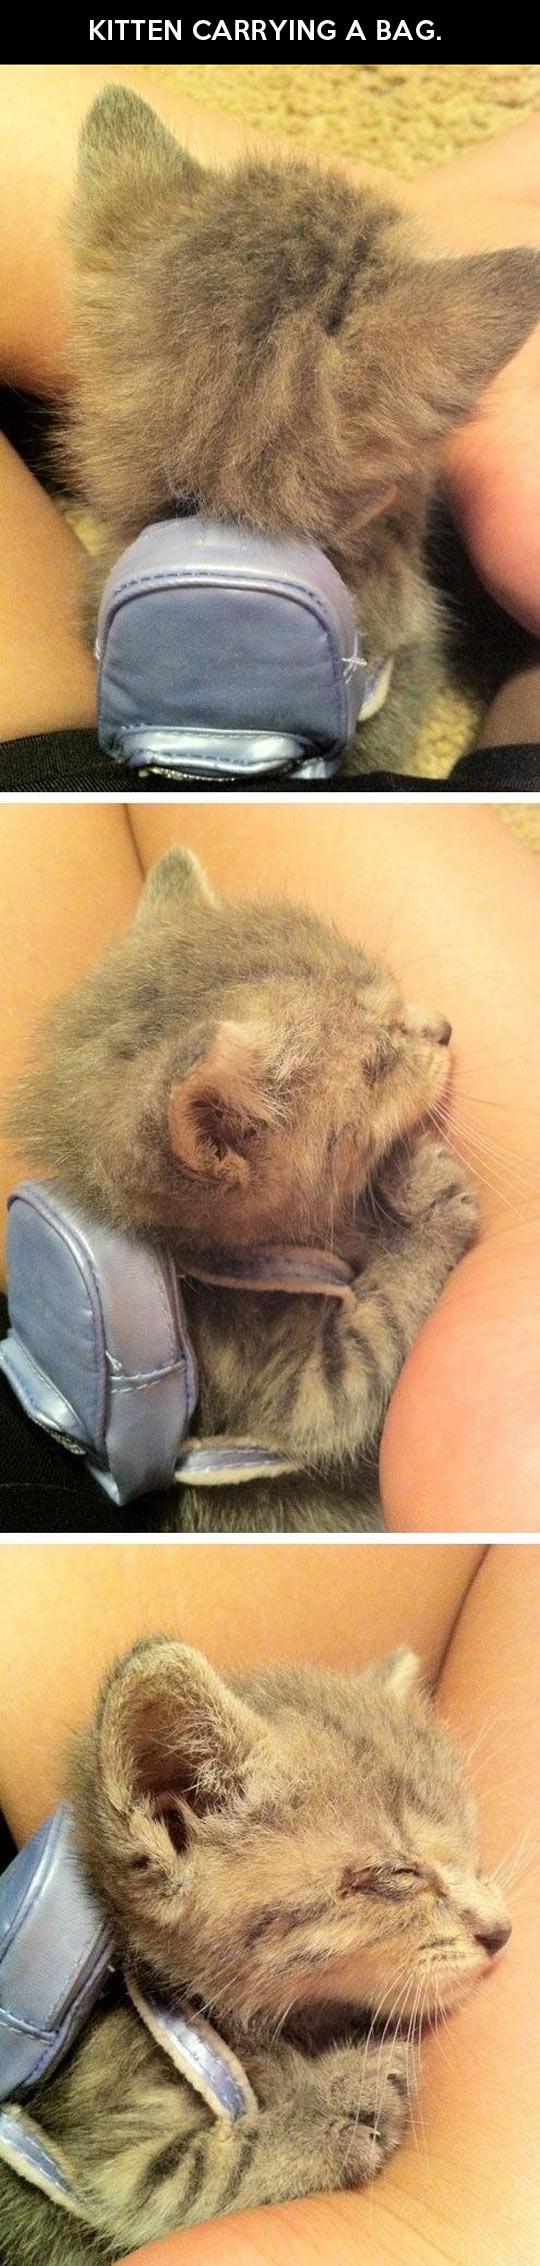 Just a kitten carrying a bag…